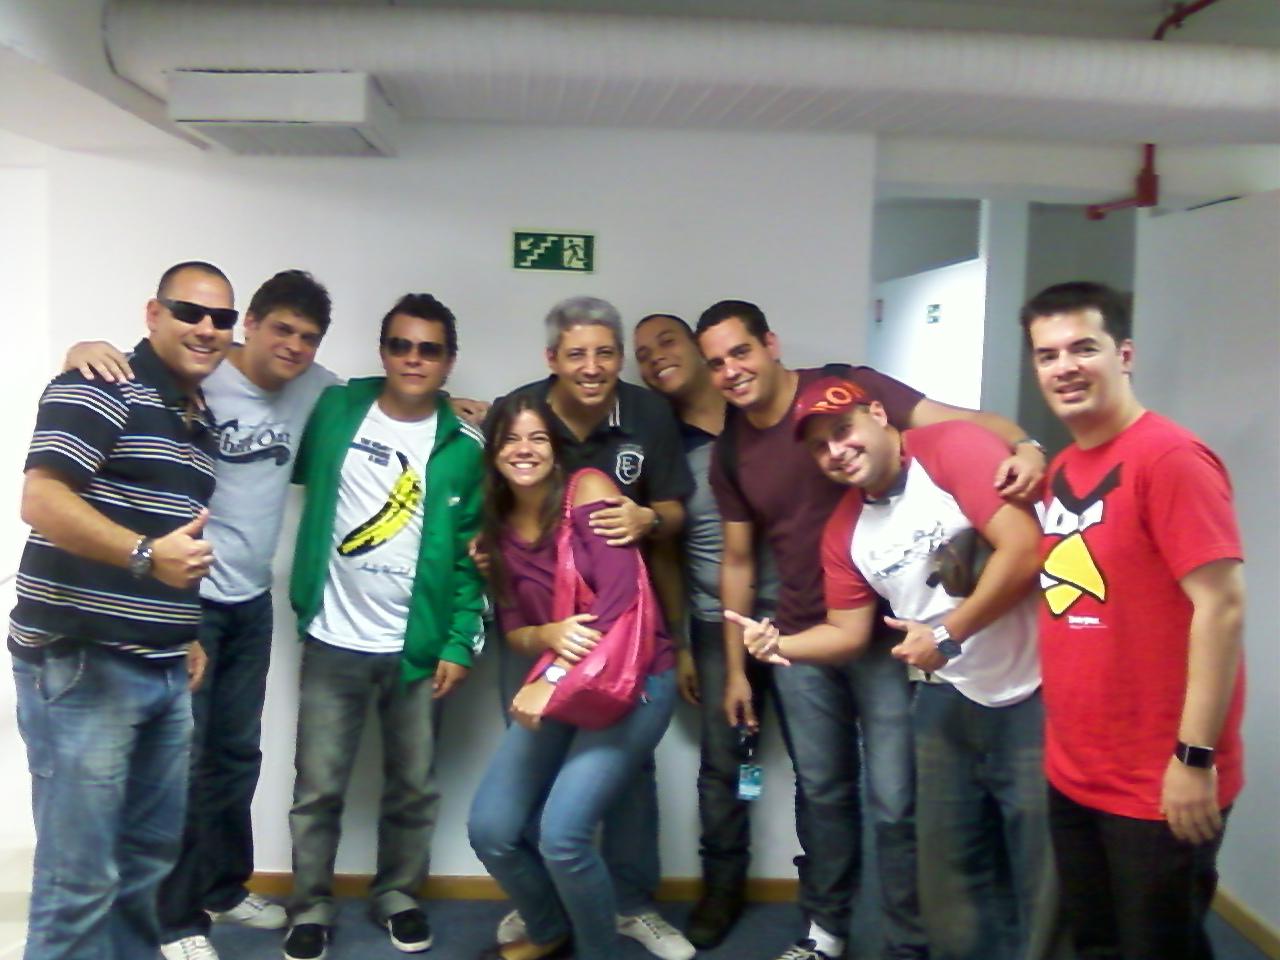 Essa é uma foto da equipe Rock Bola e BGS